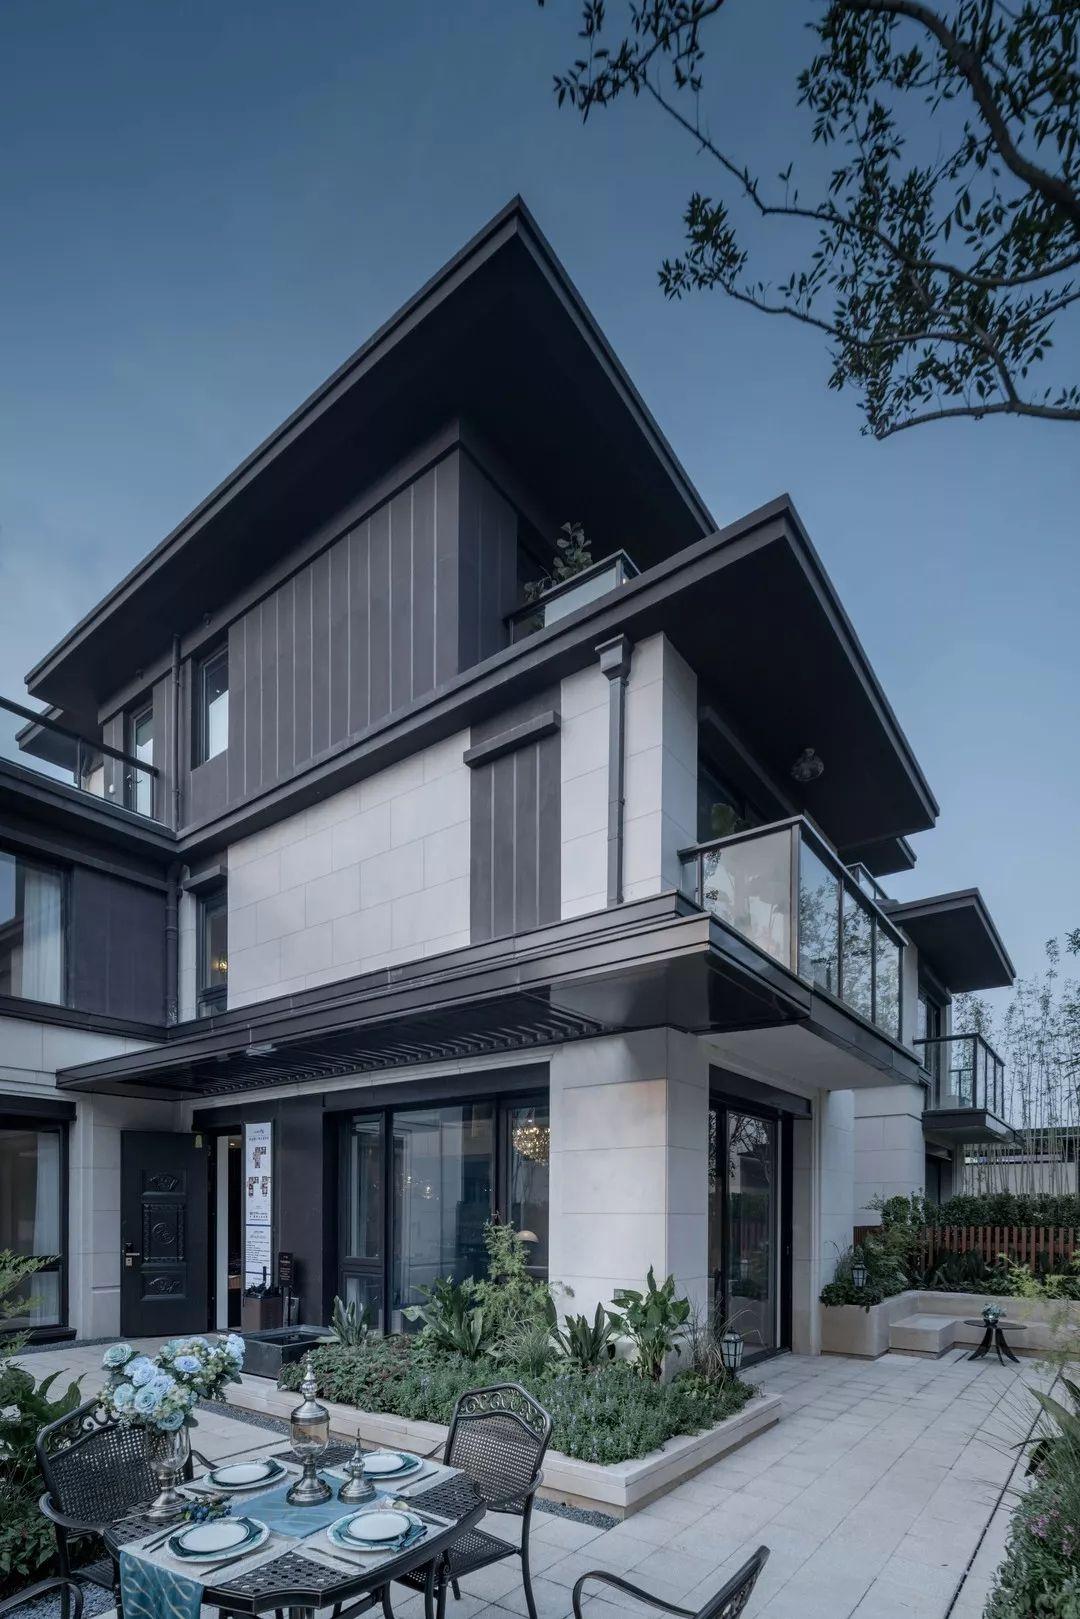 Chinese Villa Facade House Classic House Exterior Contemporary House Design